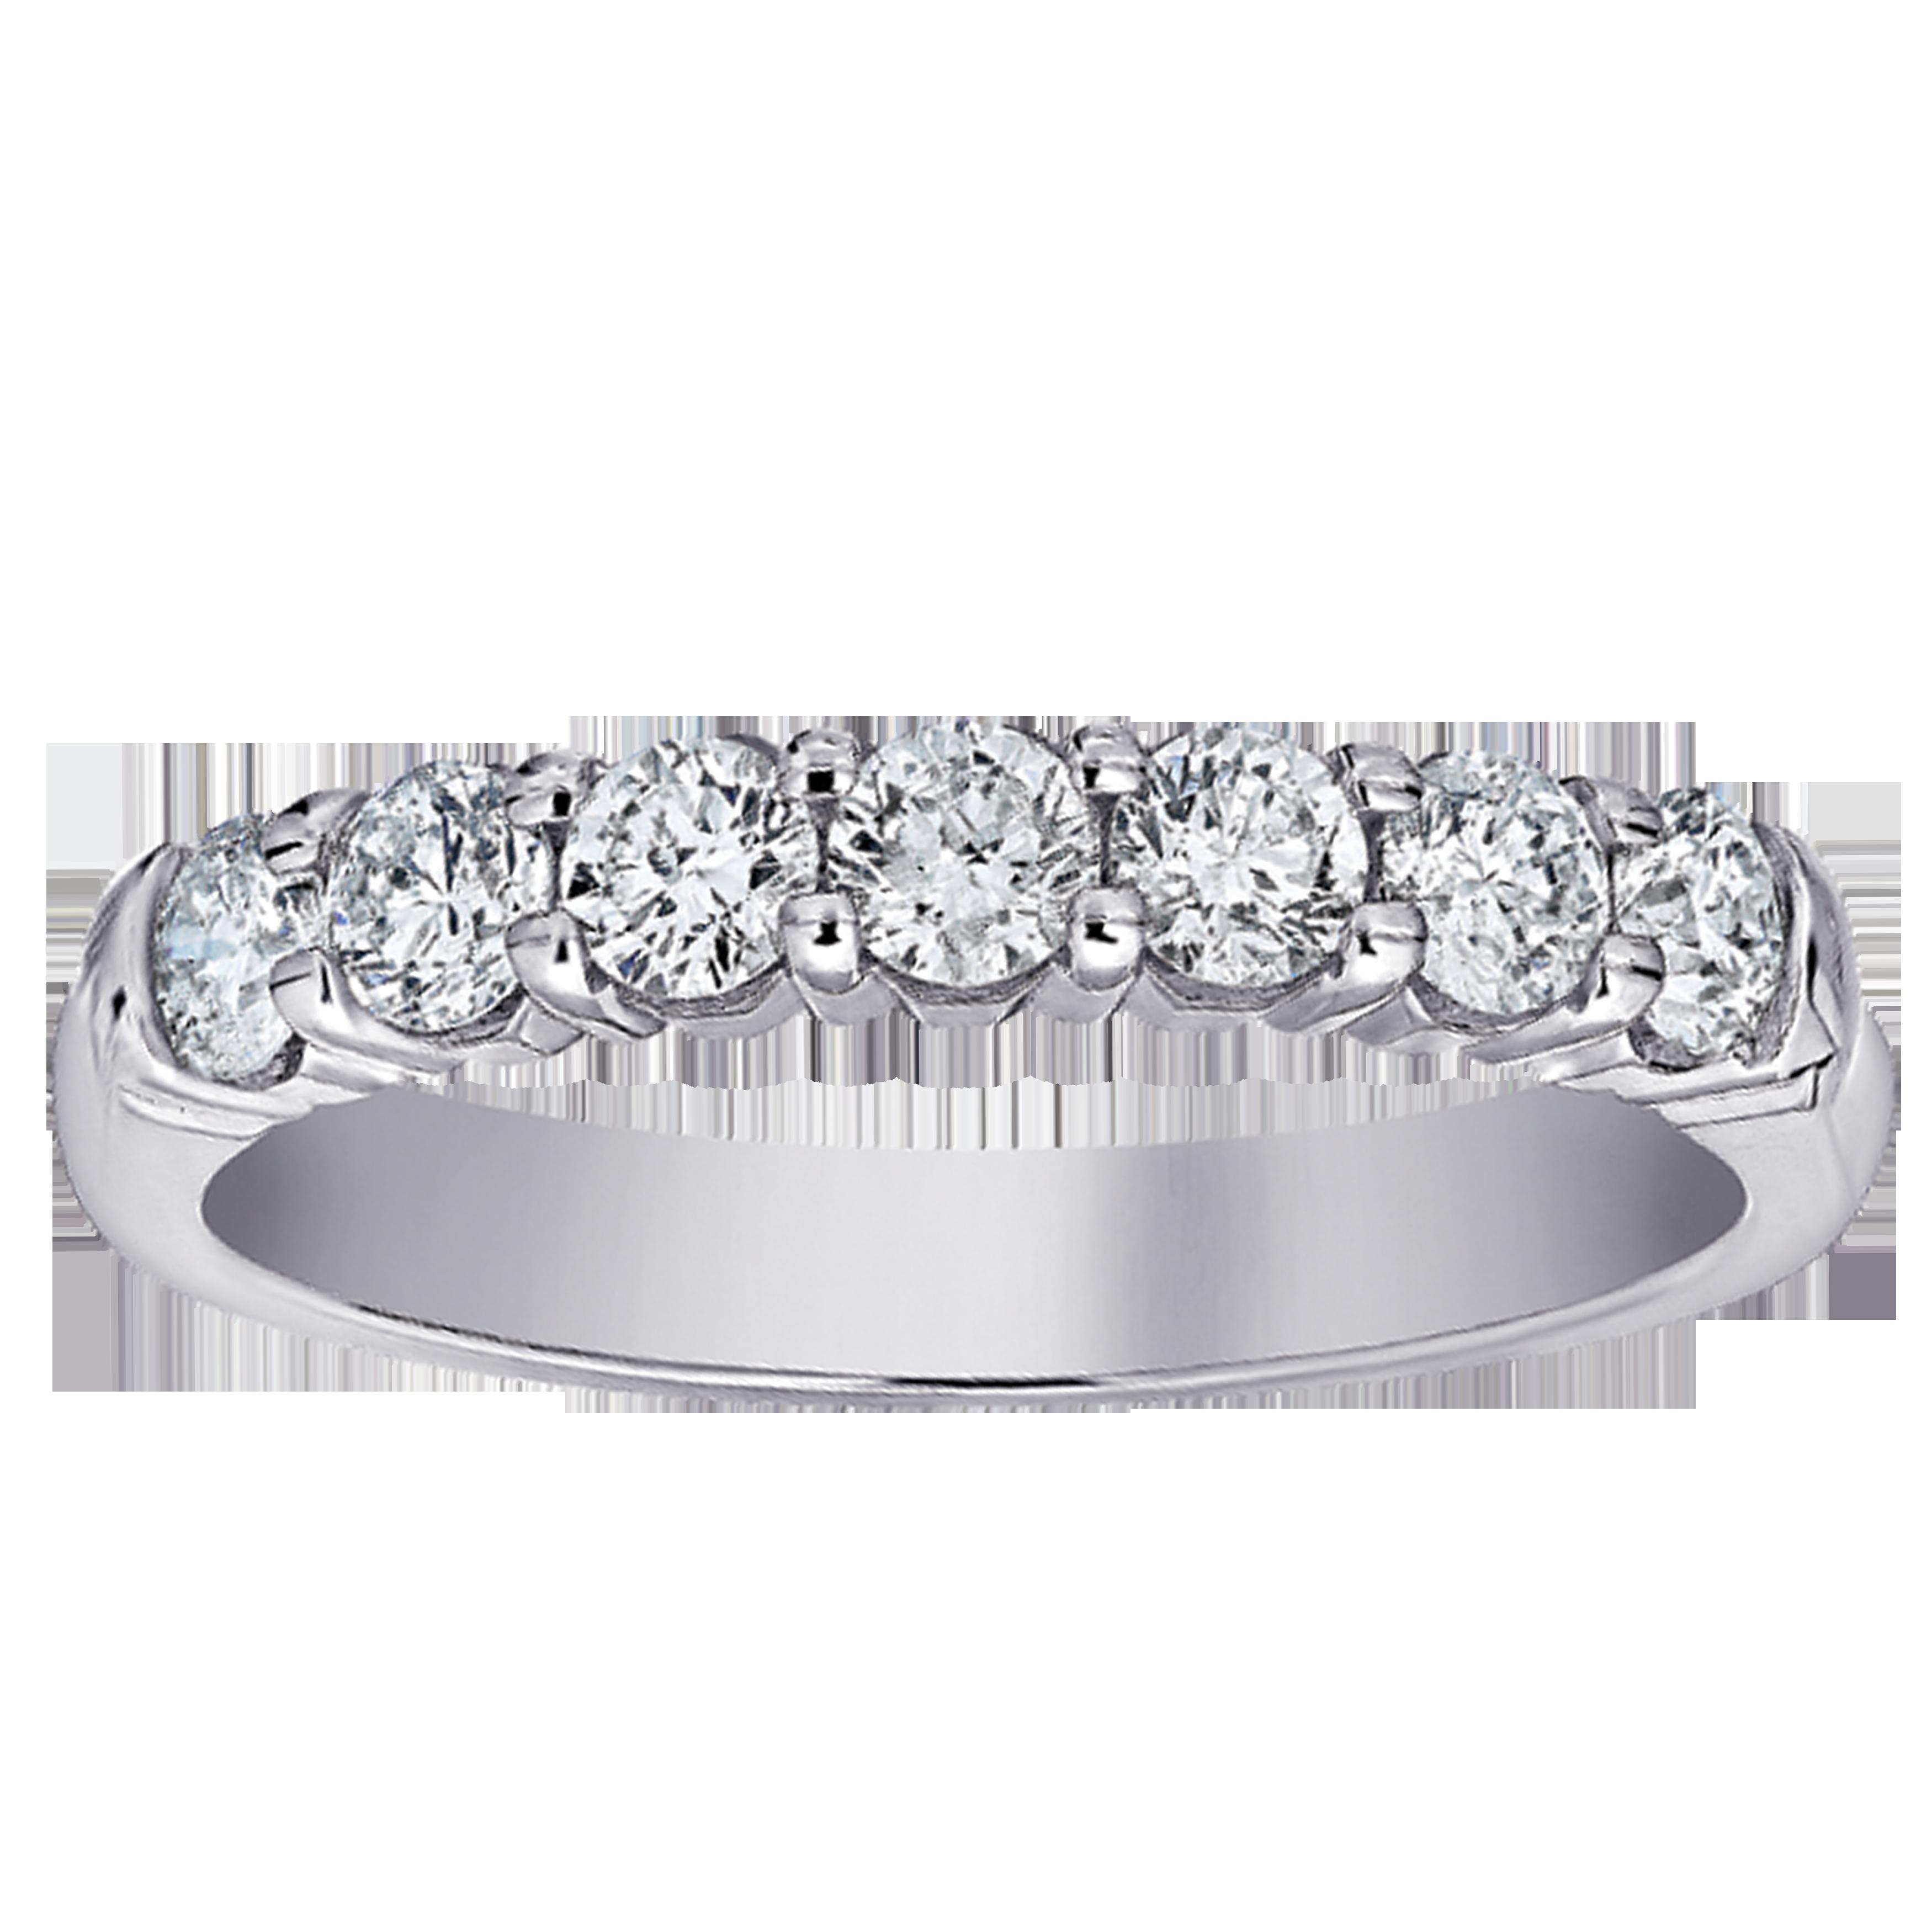 https://www.amidonjewelers.com/upload/product/2465W_a892e083-faa8-42f3-8102-4ac4c459ea32.png